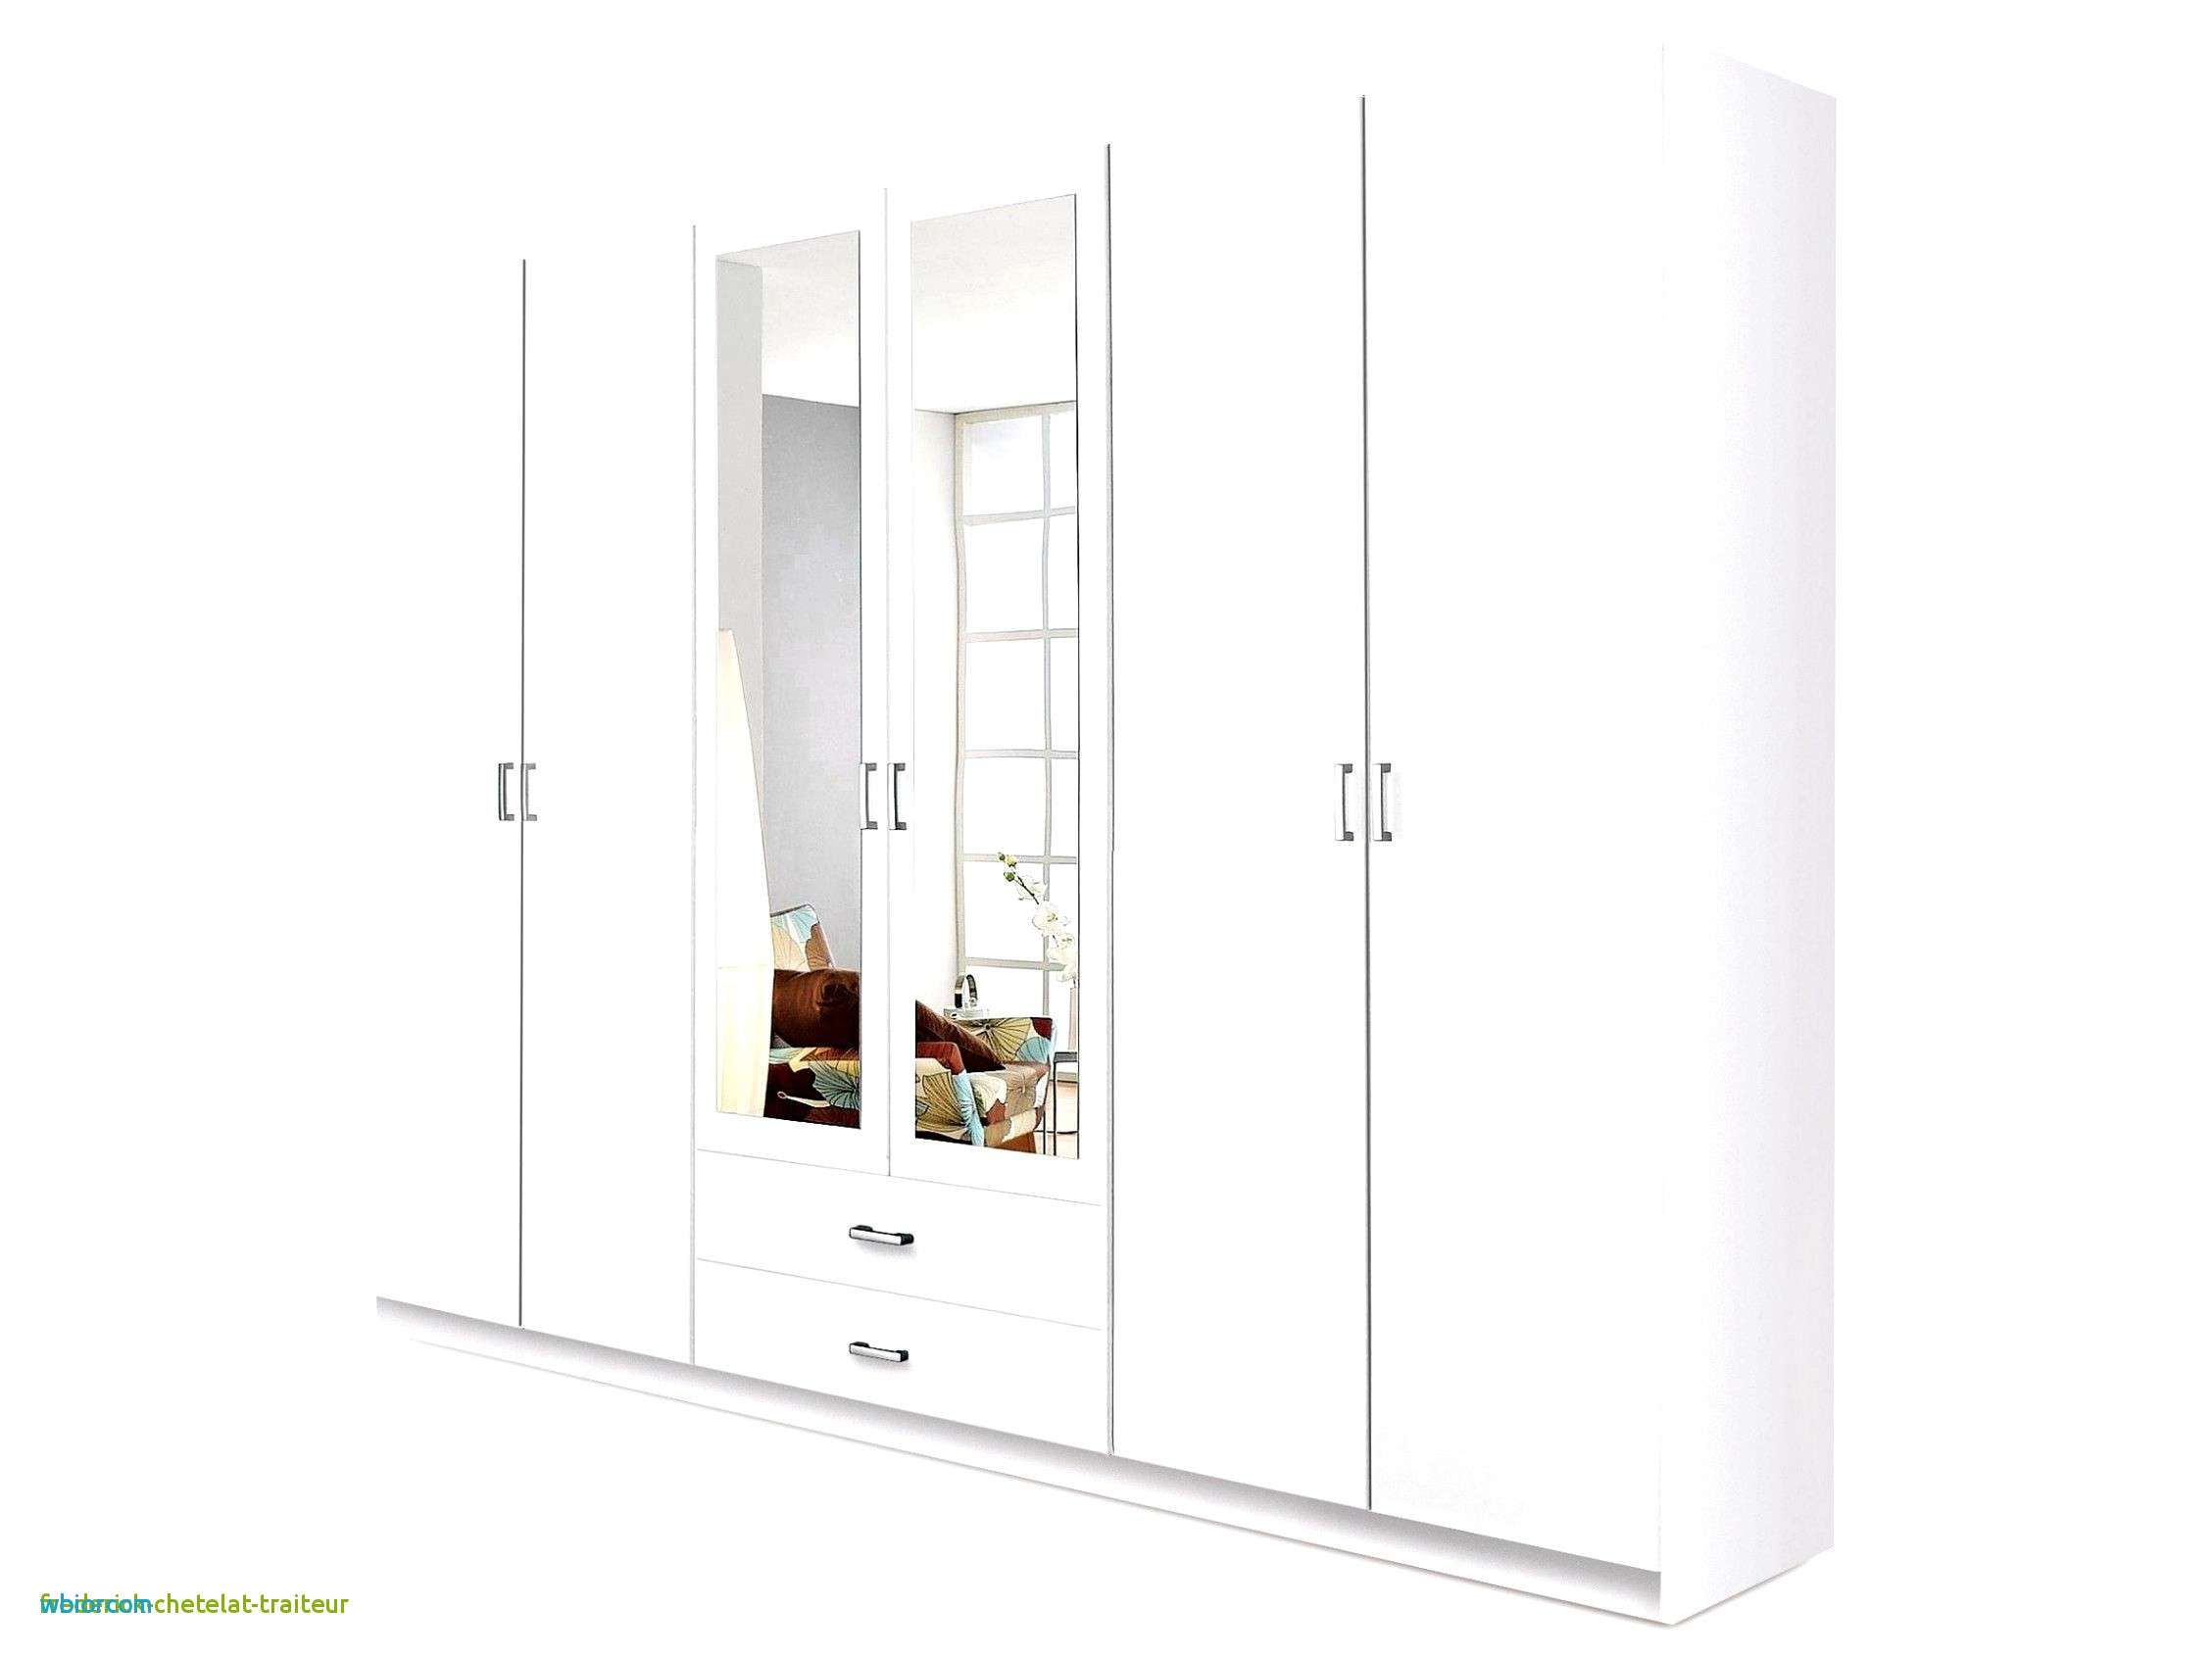 Kleiderschrank 170 Cm Breit Jener Prachtvoll Kleiderschrank Schiebeturen Weiss Ansicht Wbior In 2020 Tall Cabinet Storage Locker Storage Storage Cabinet